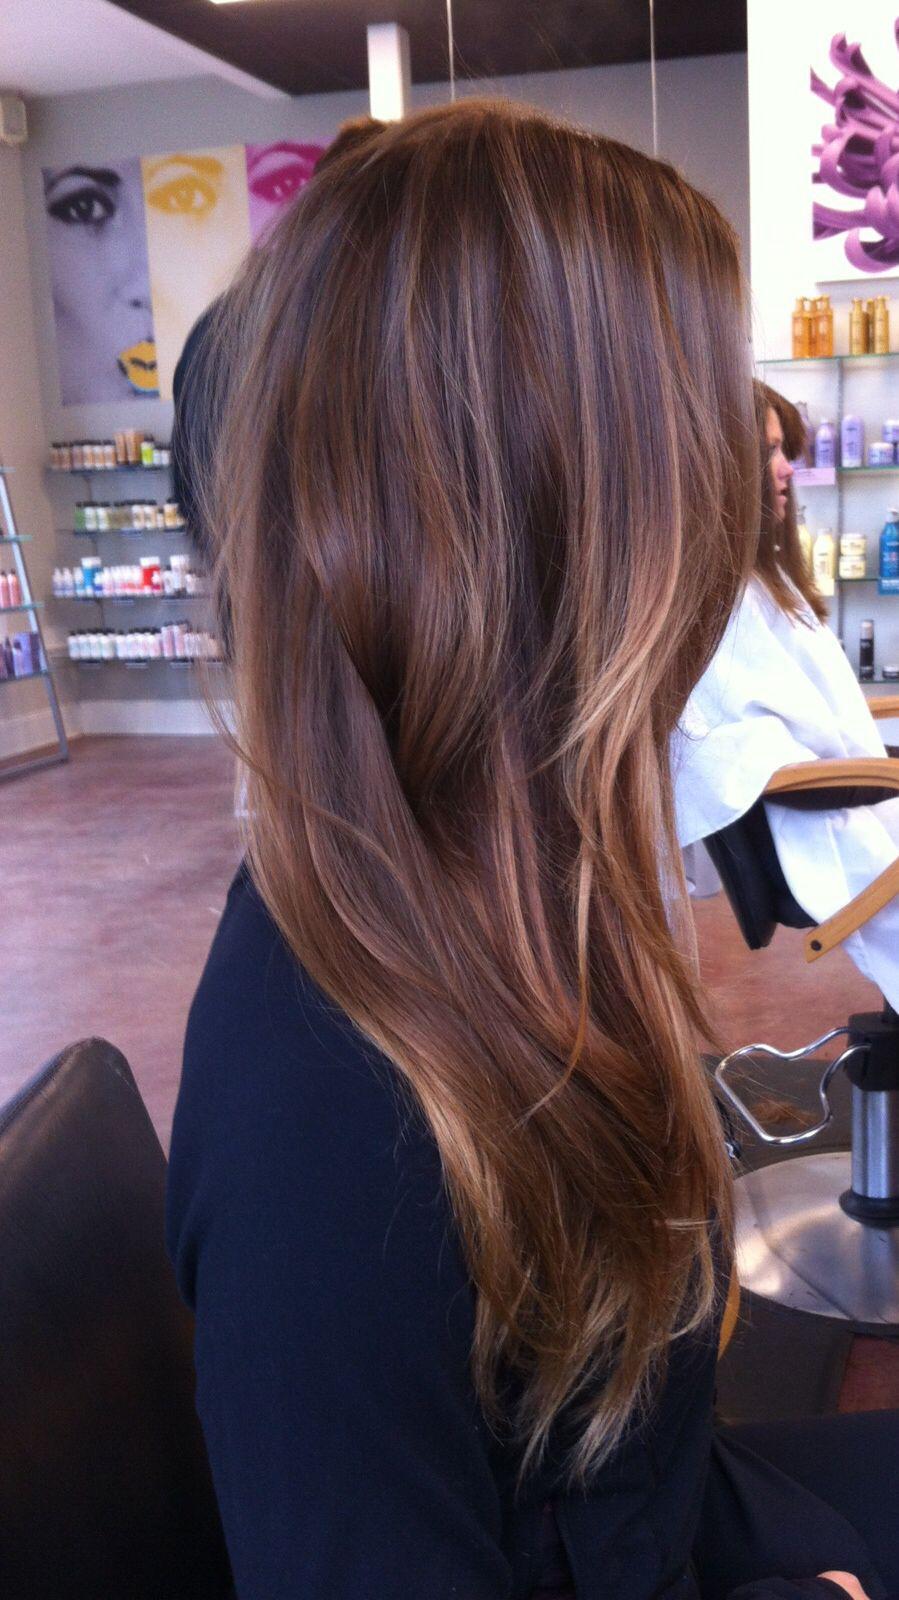 40 latest hottest hair colour ideas for women - hair color